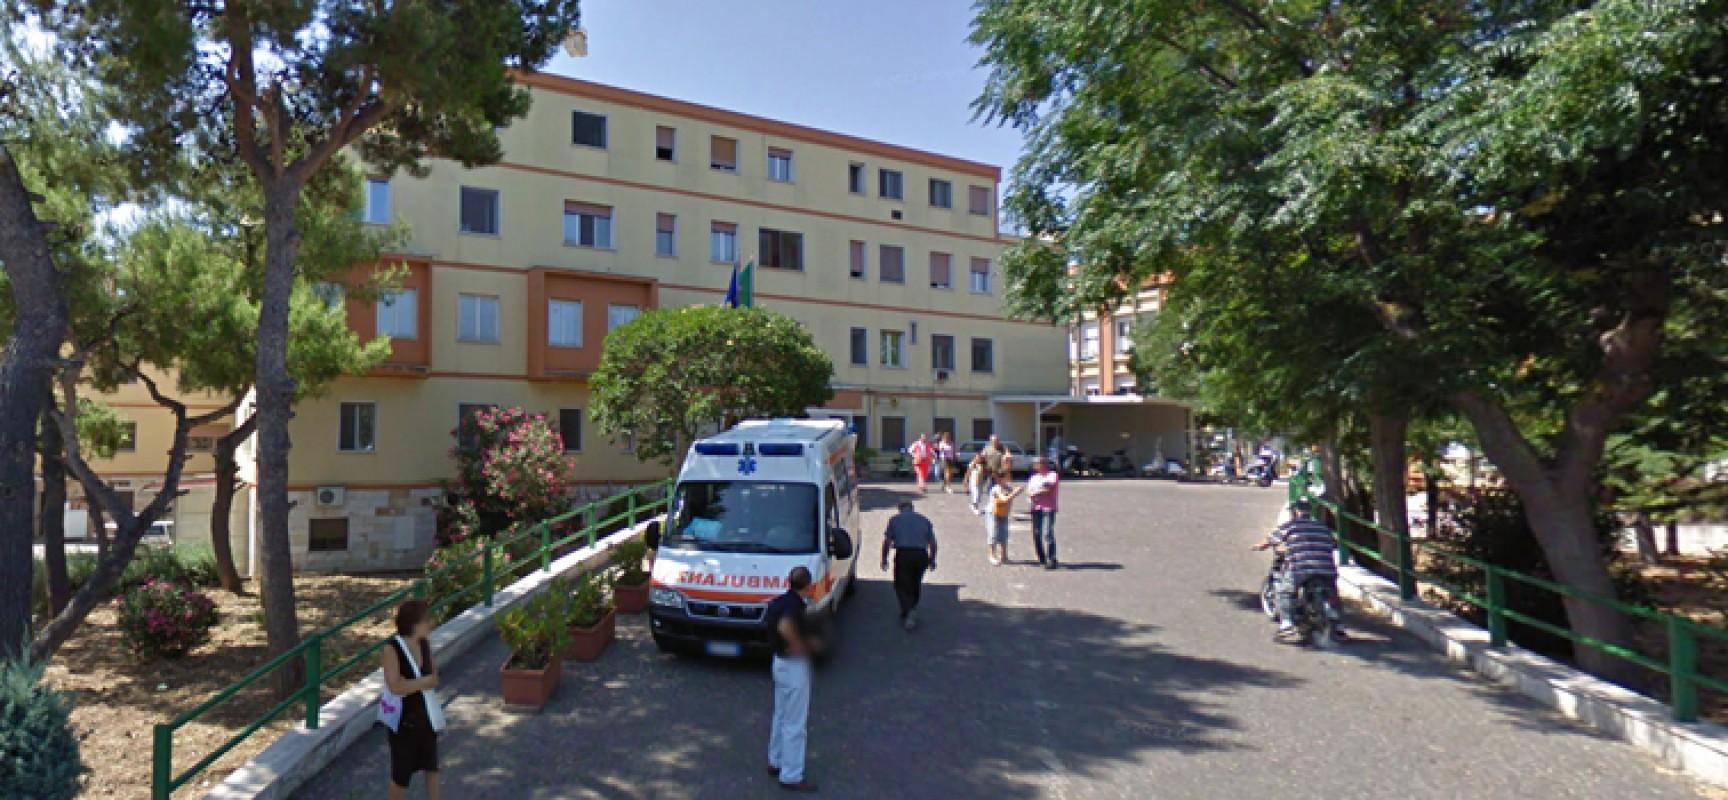 Morte sospetta di un 56enne biscegliese, la Procura apre un'inchiesta